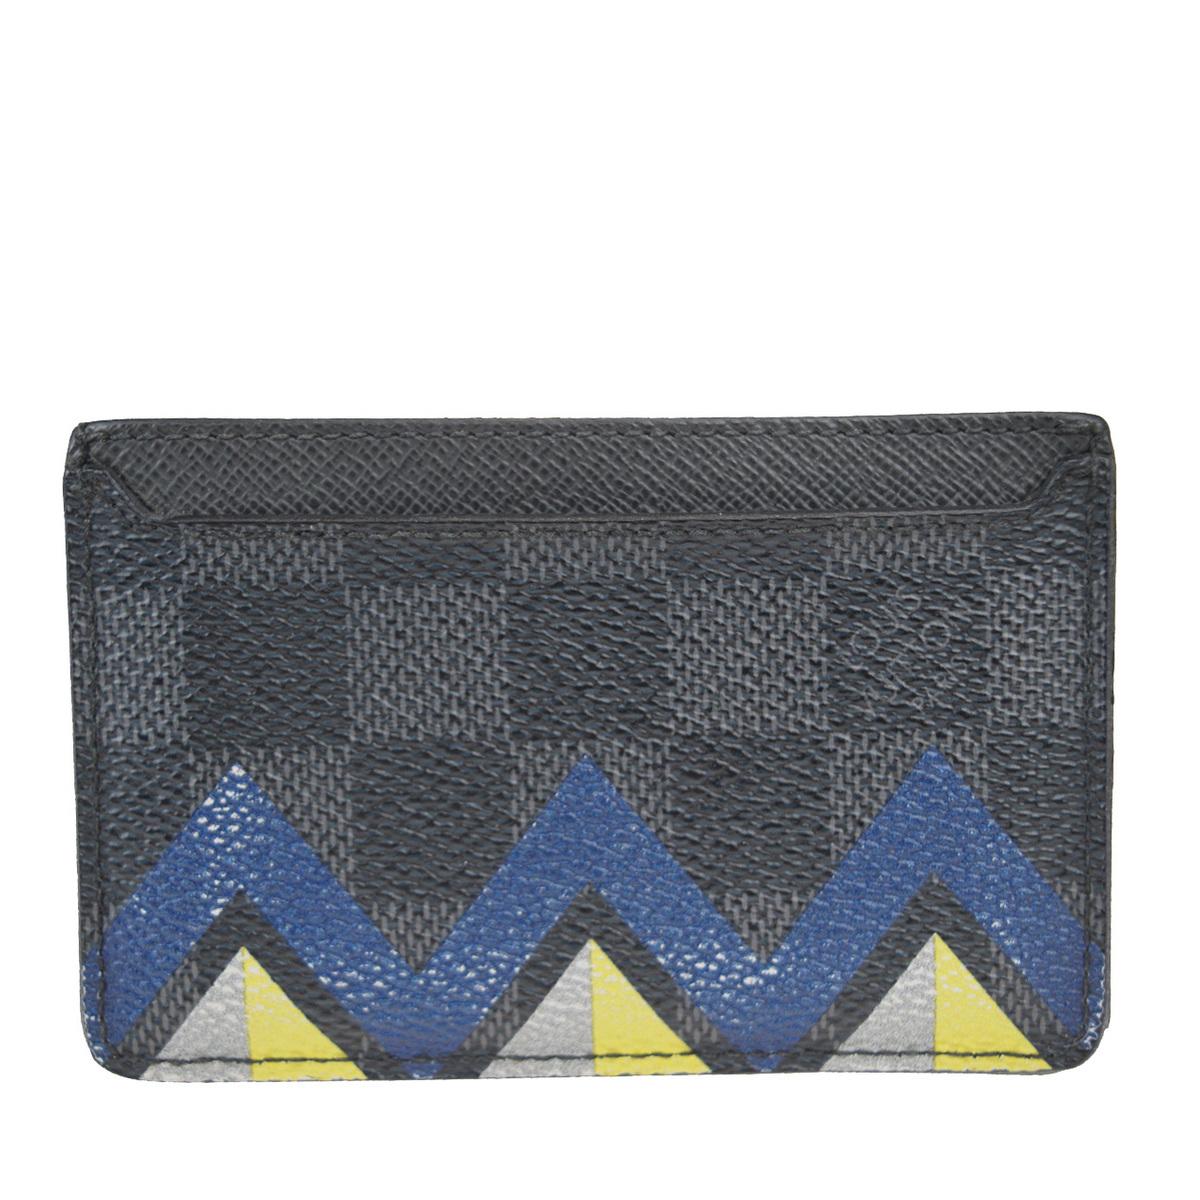 【中古】 ルイ・ヴィトン(Louis Vuitton) ダミエグラフィット ポルトカルト・サーンプル レザー カードケース グレー 01FA738